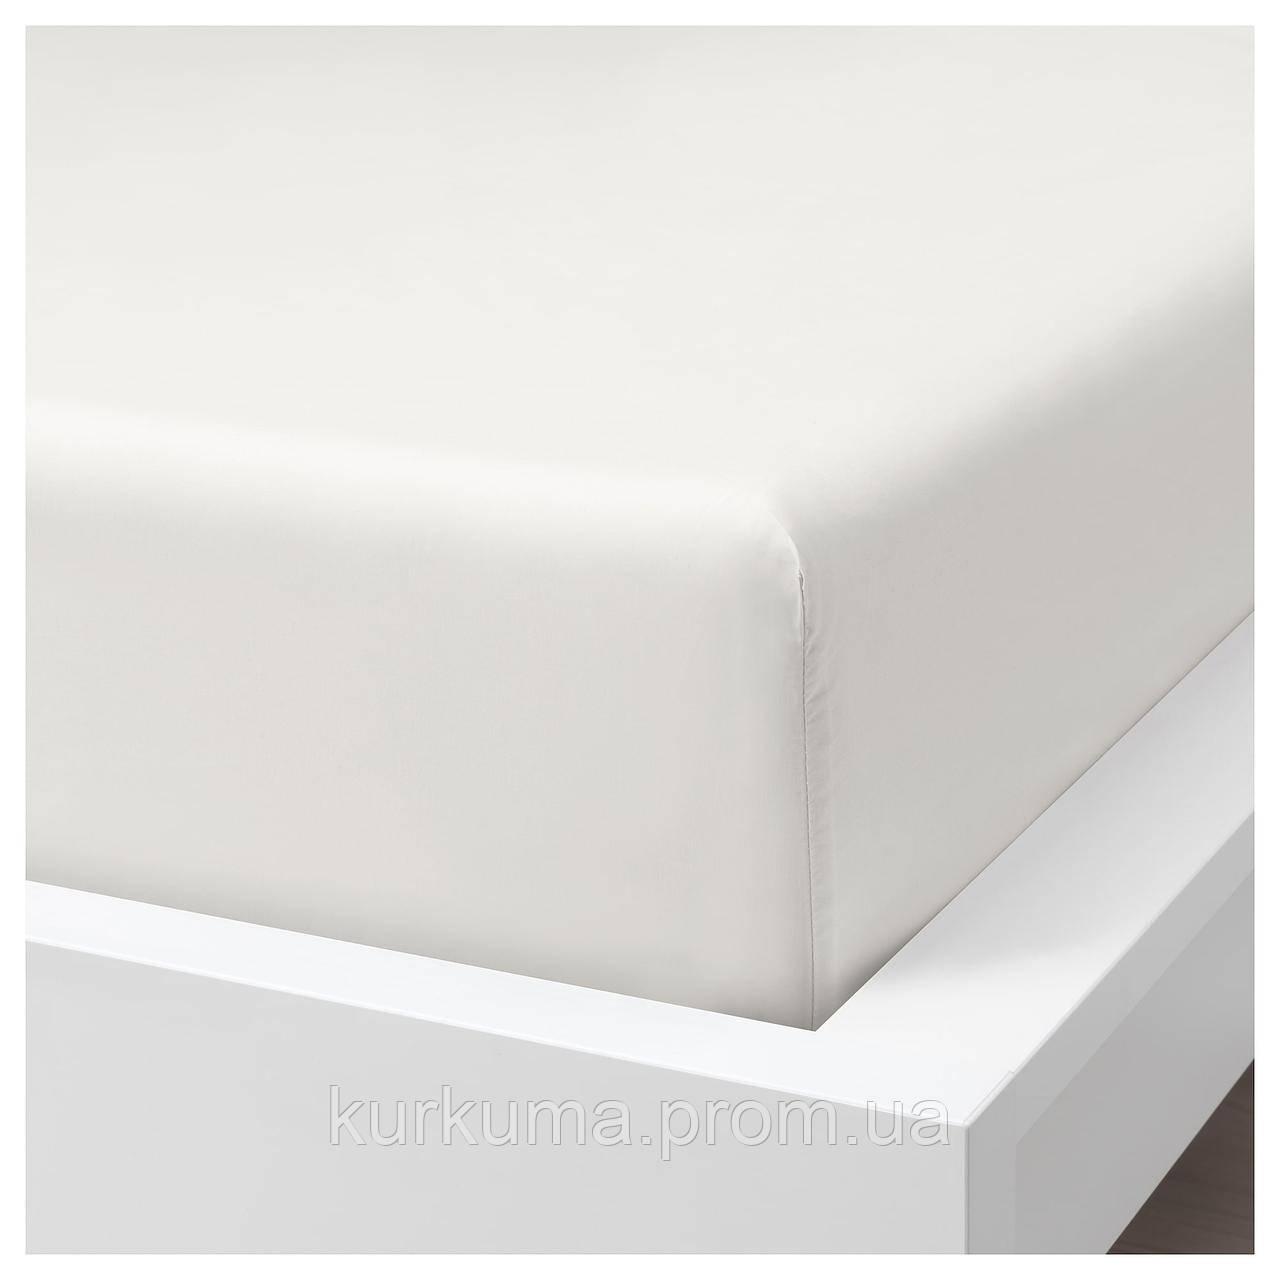 IKEA SOMNTUTA Простыня с резинкой, белый  (104.128.02)